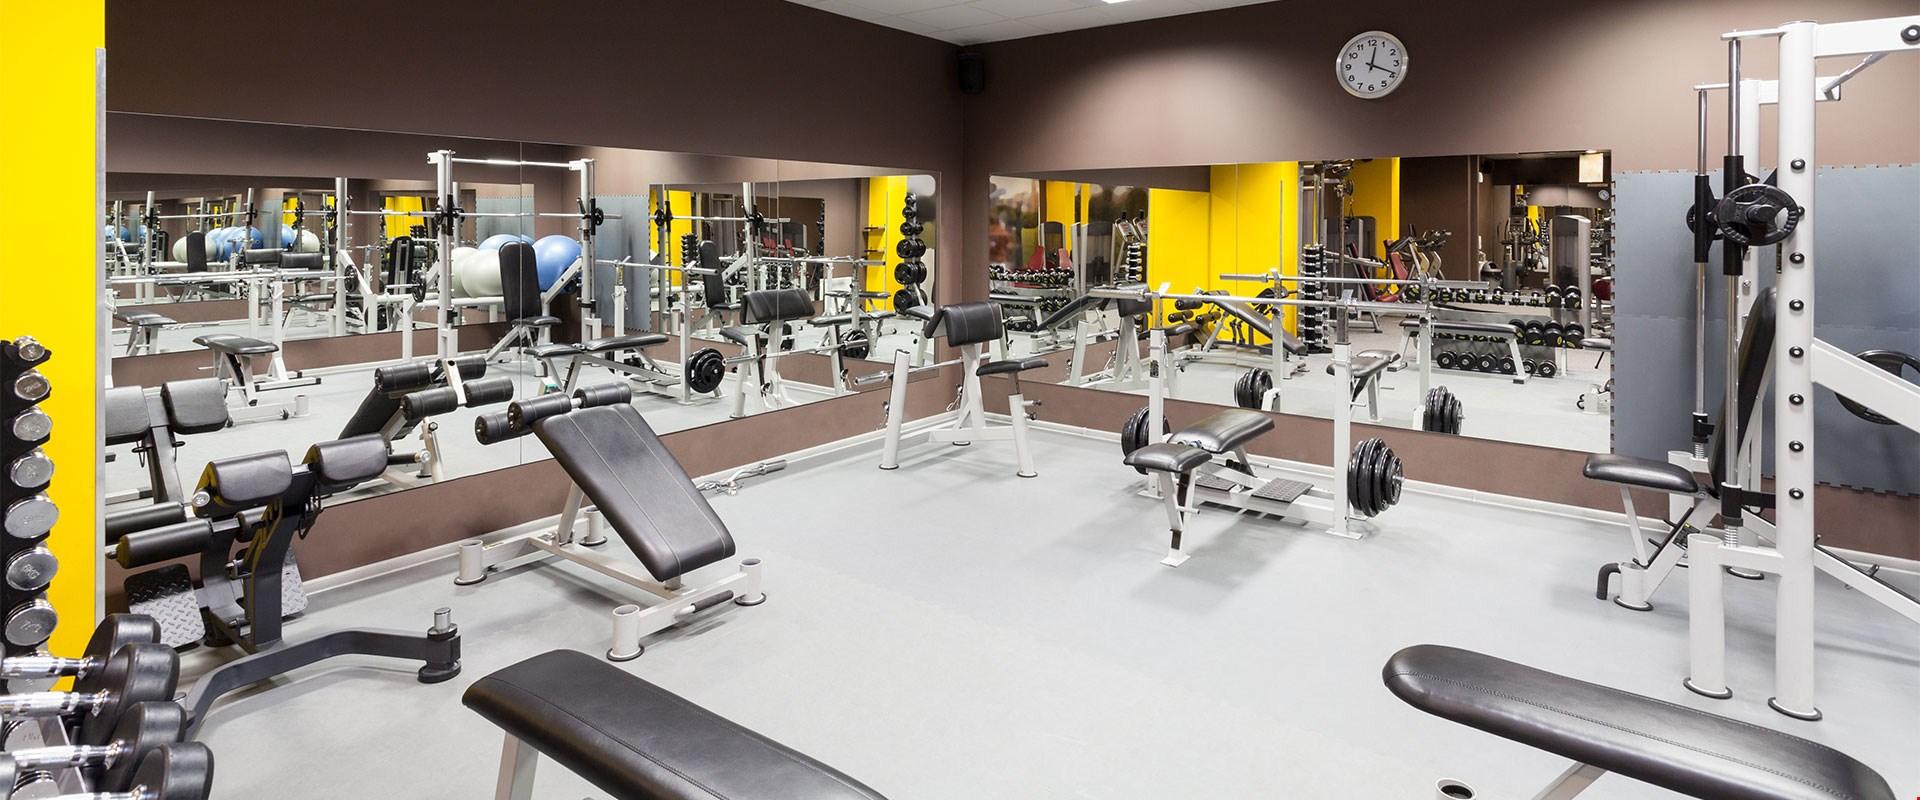 Dự án lắp đặt dàn âm thanh cho phòng gym tại Hà Nội